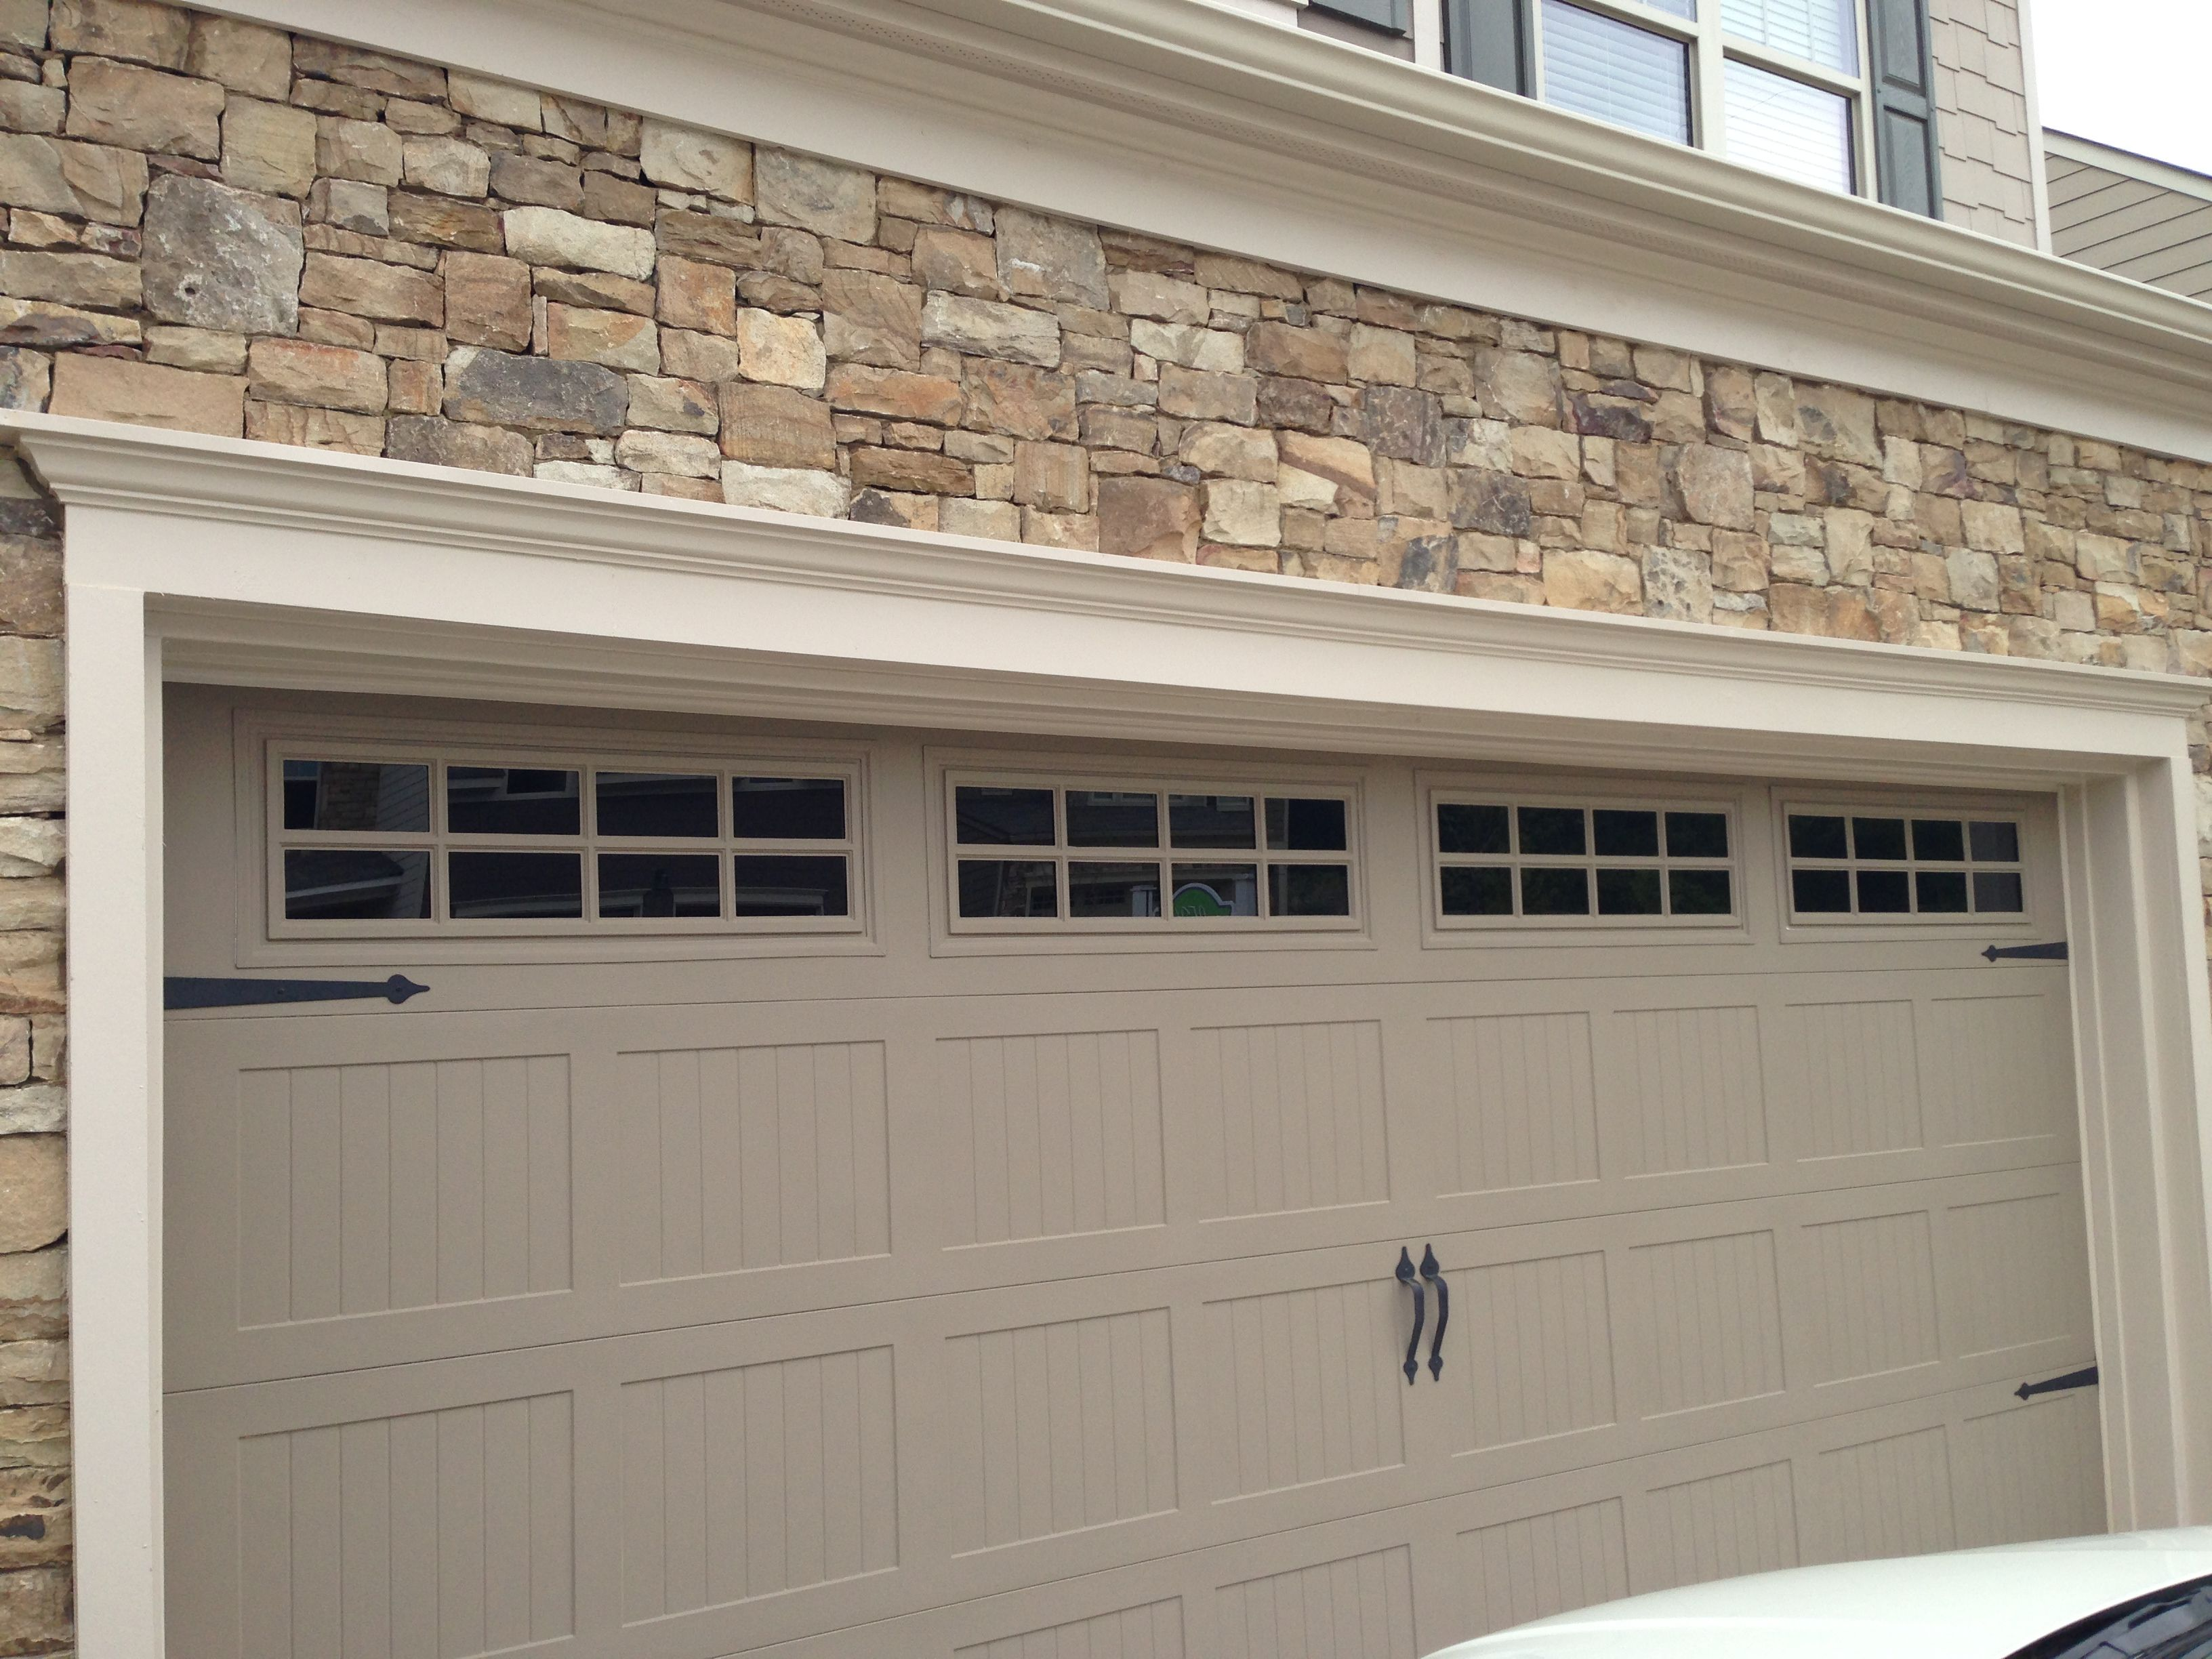 The Garage Door Is The Prefect Color To Go With The Brick Alpharetta Ga Garage Doors Garage Door Colors Garage Door Opener Installation